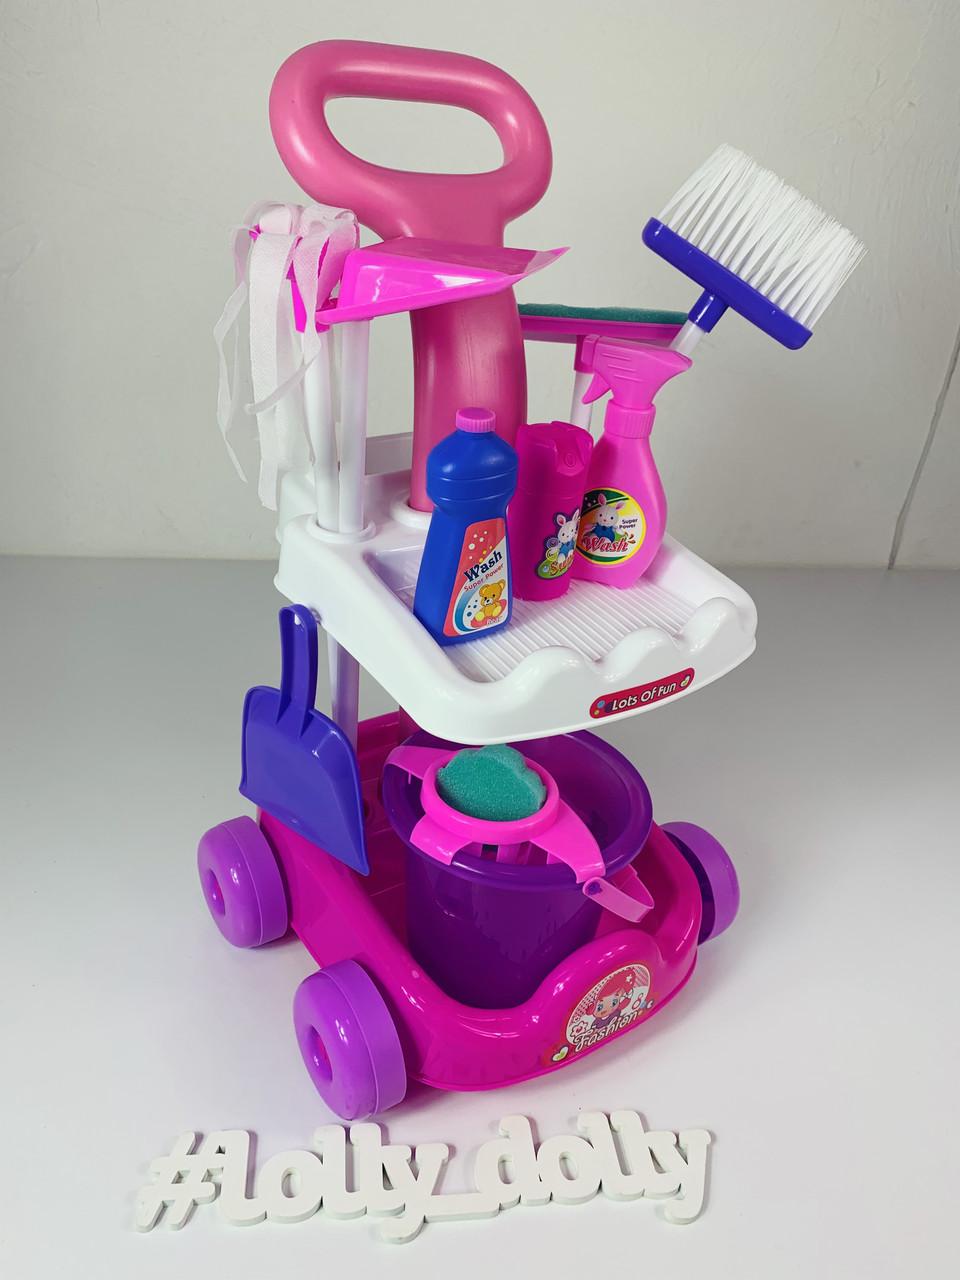 Детский набор для уборки A5953